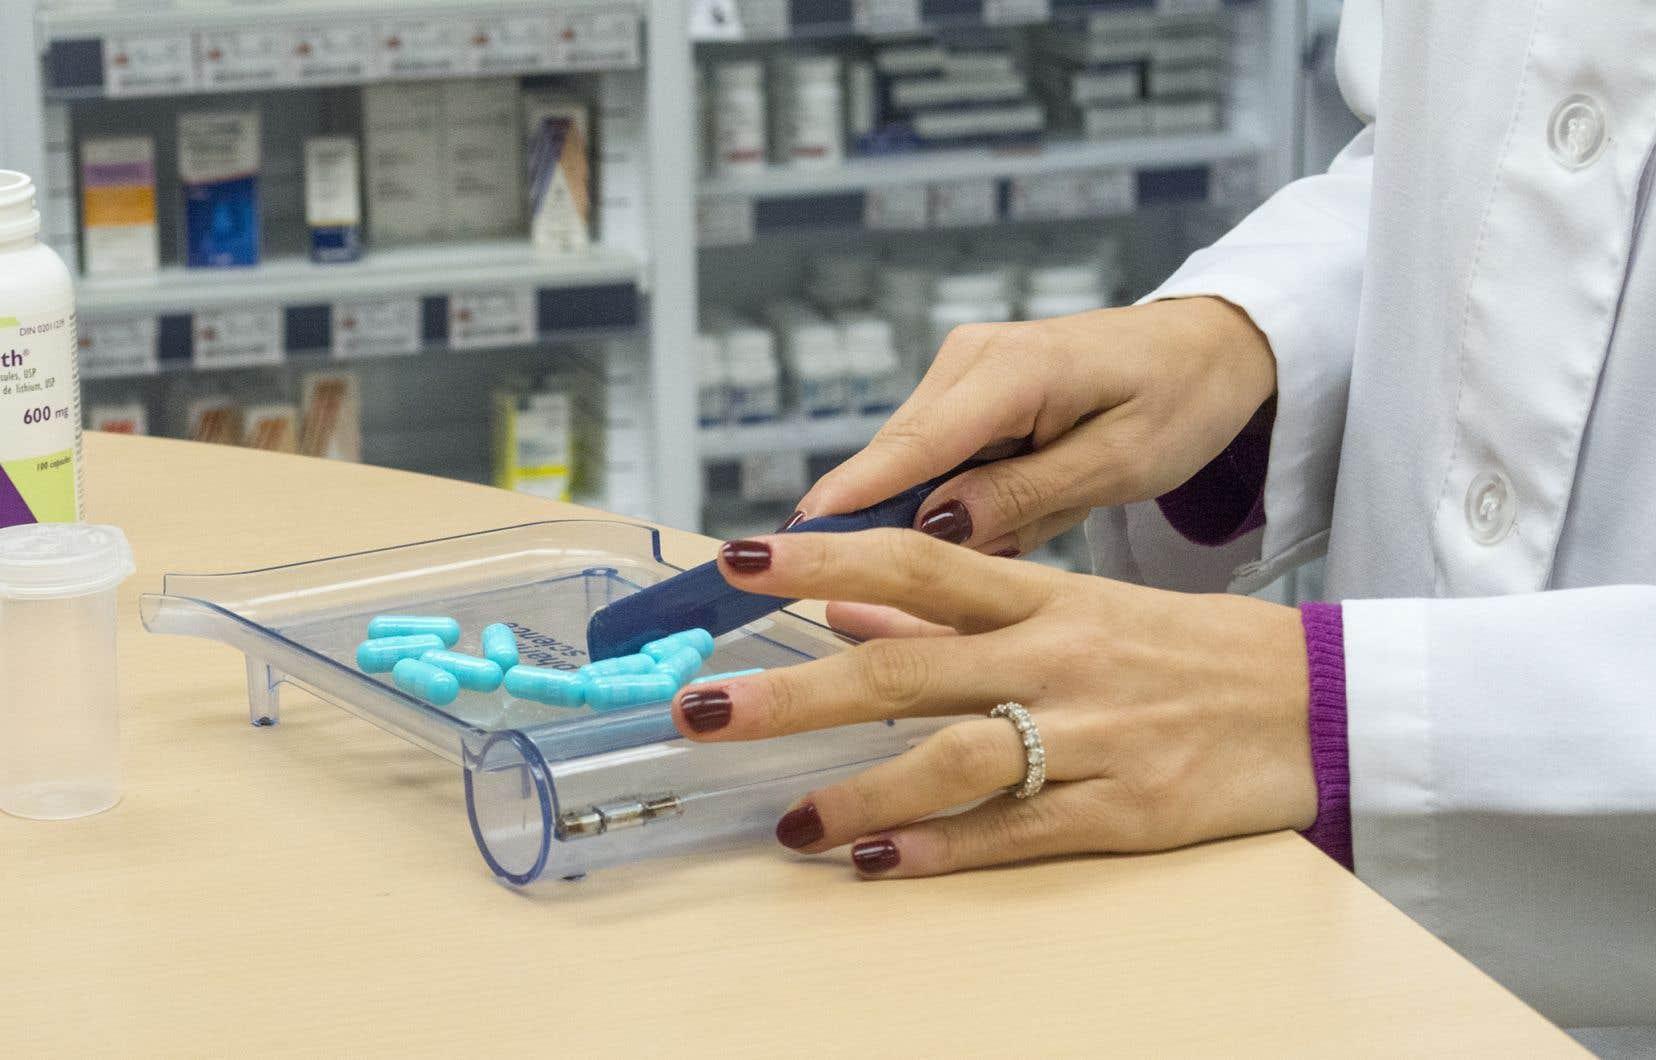 Au Québec, les citoyens ayant accès à un régime d'assurance collective privé à leur travail doivent obligatoirement contracter une couverture pour les médicaments.